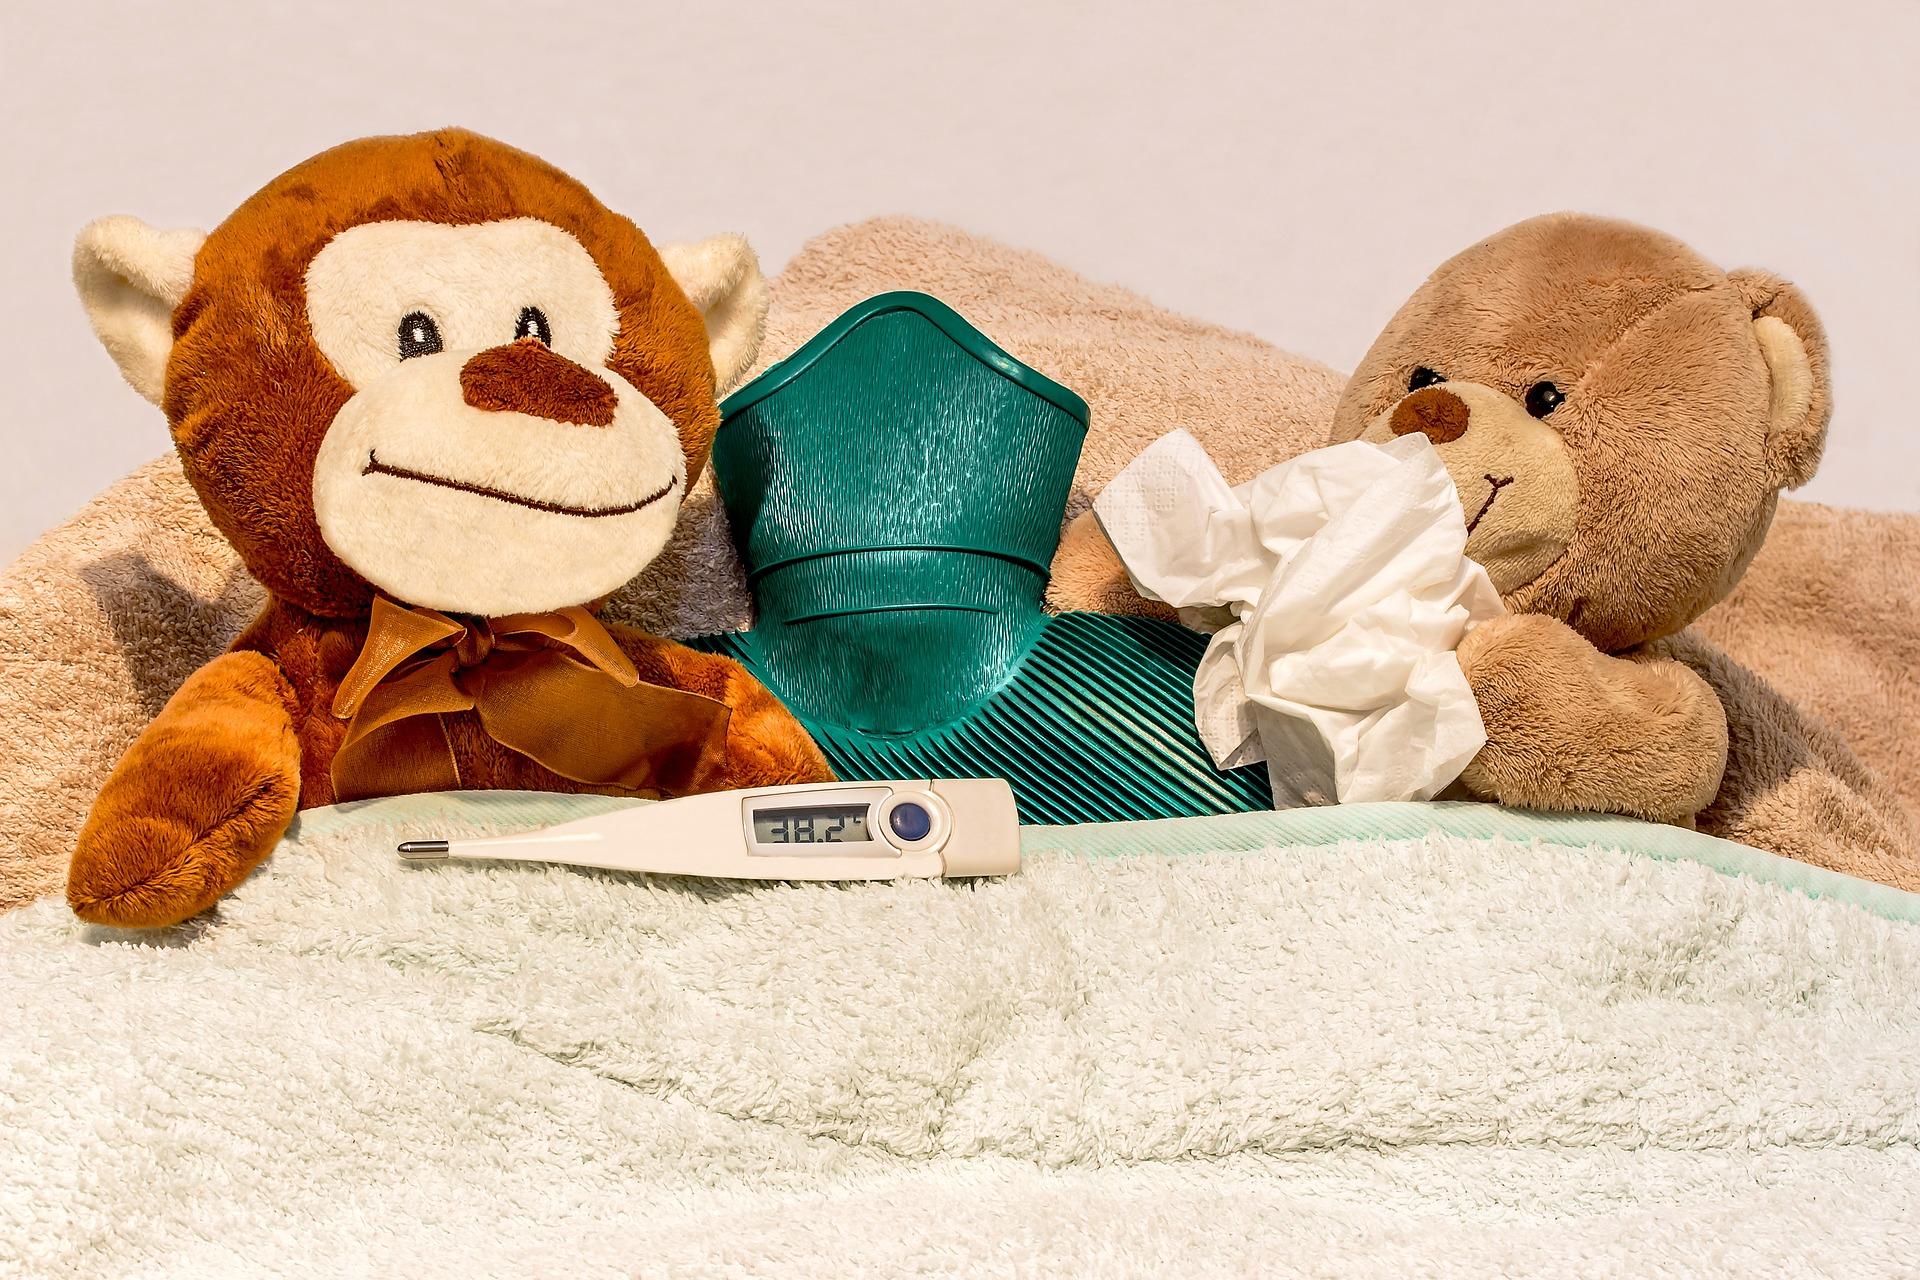 allergie-alimentari-nei-bambini-come-fare-a-riconoscerle-e-a-intervenire